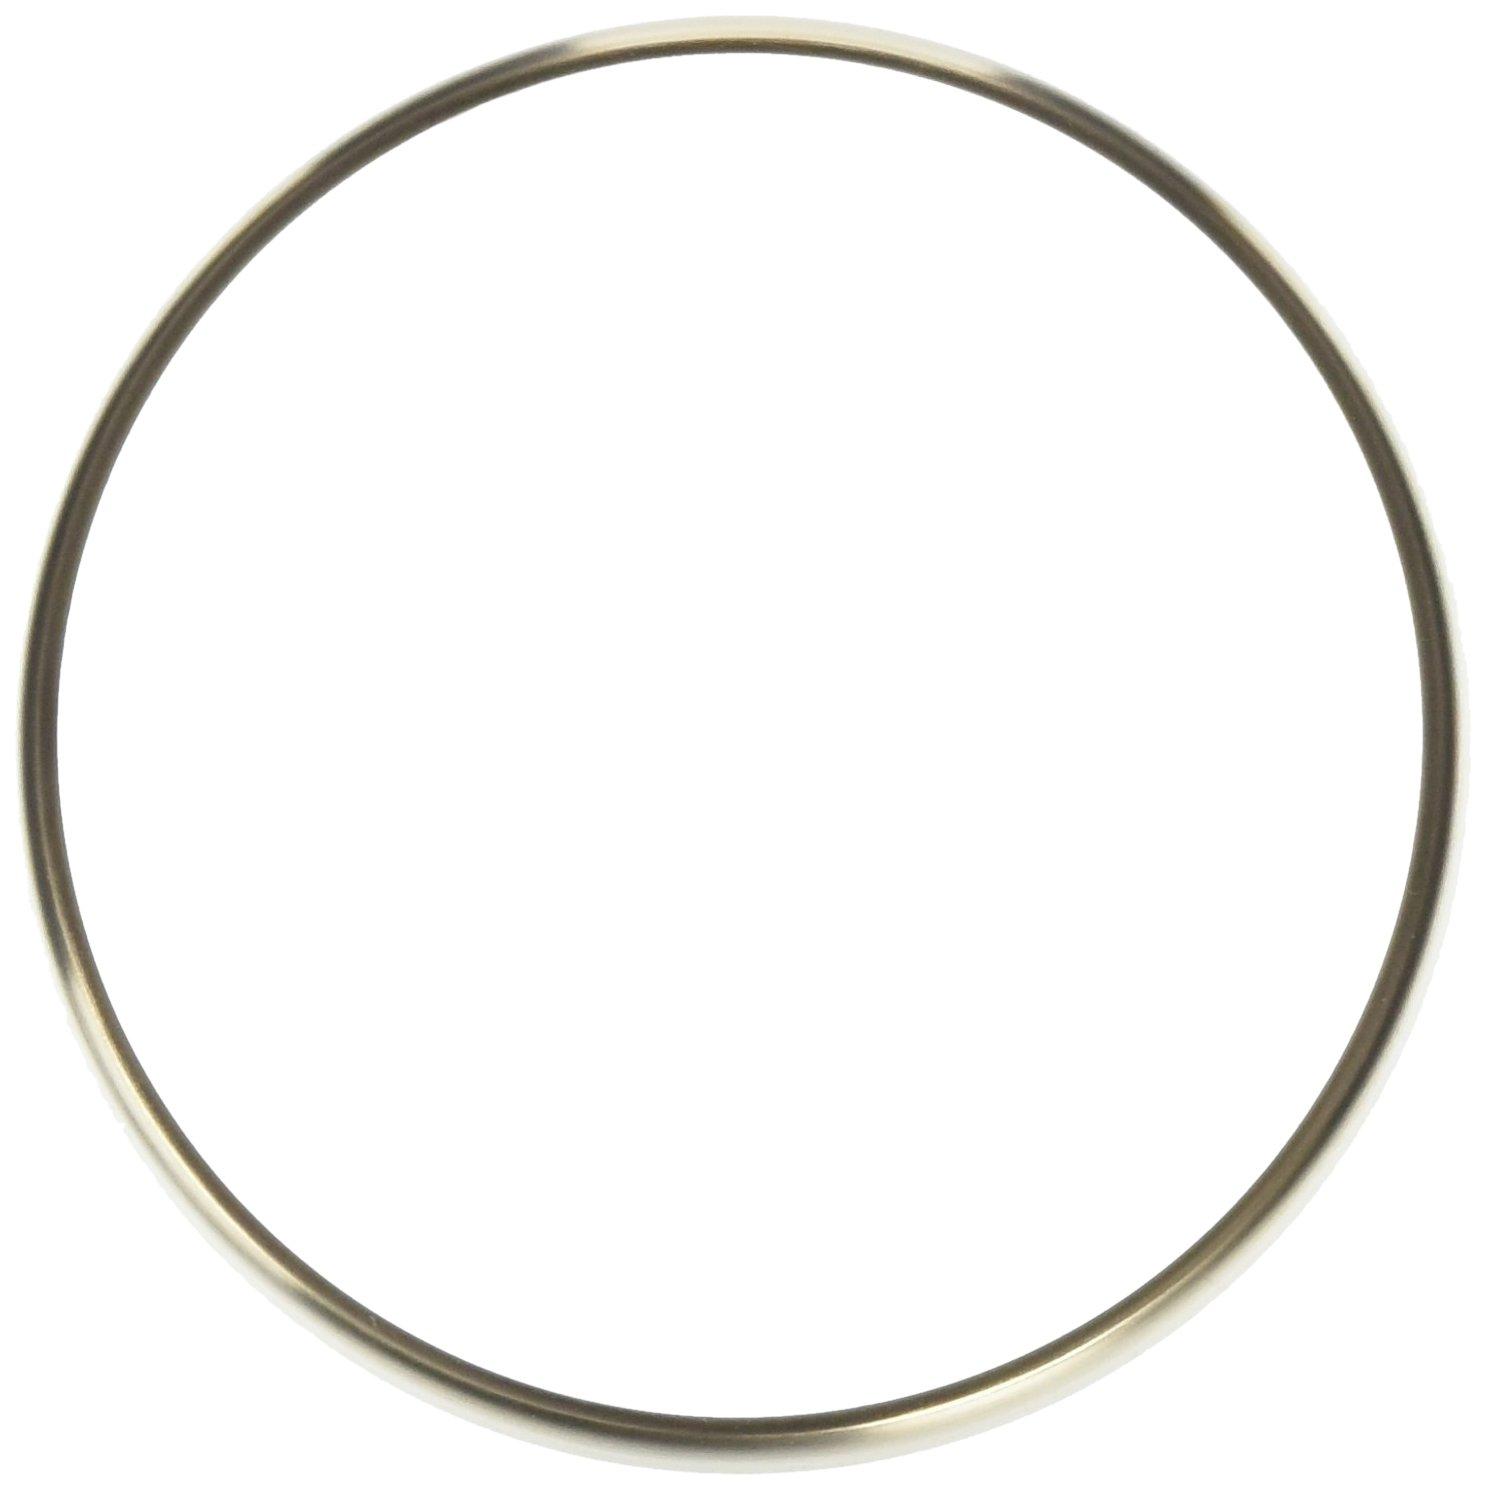 Steamist 9355-BB Trim Ring for Chroma Sense Light, Brushed Bronze